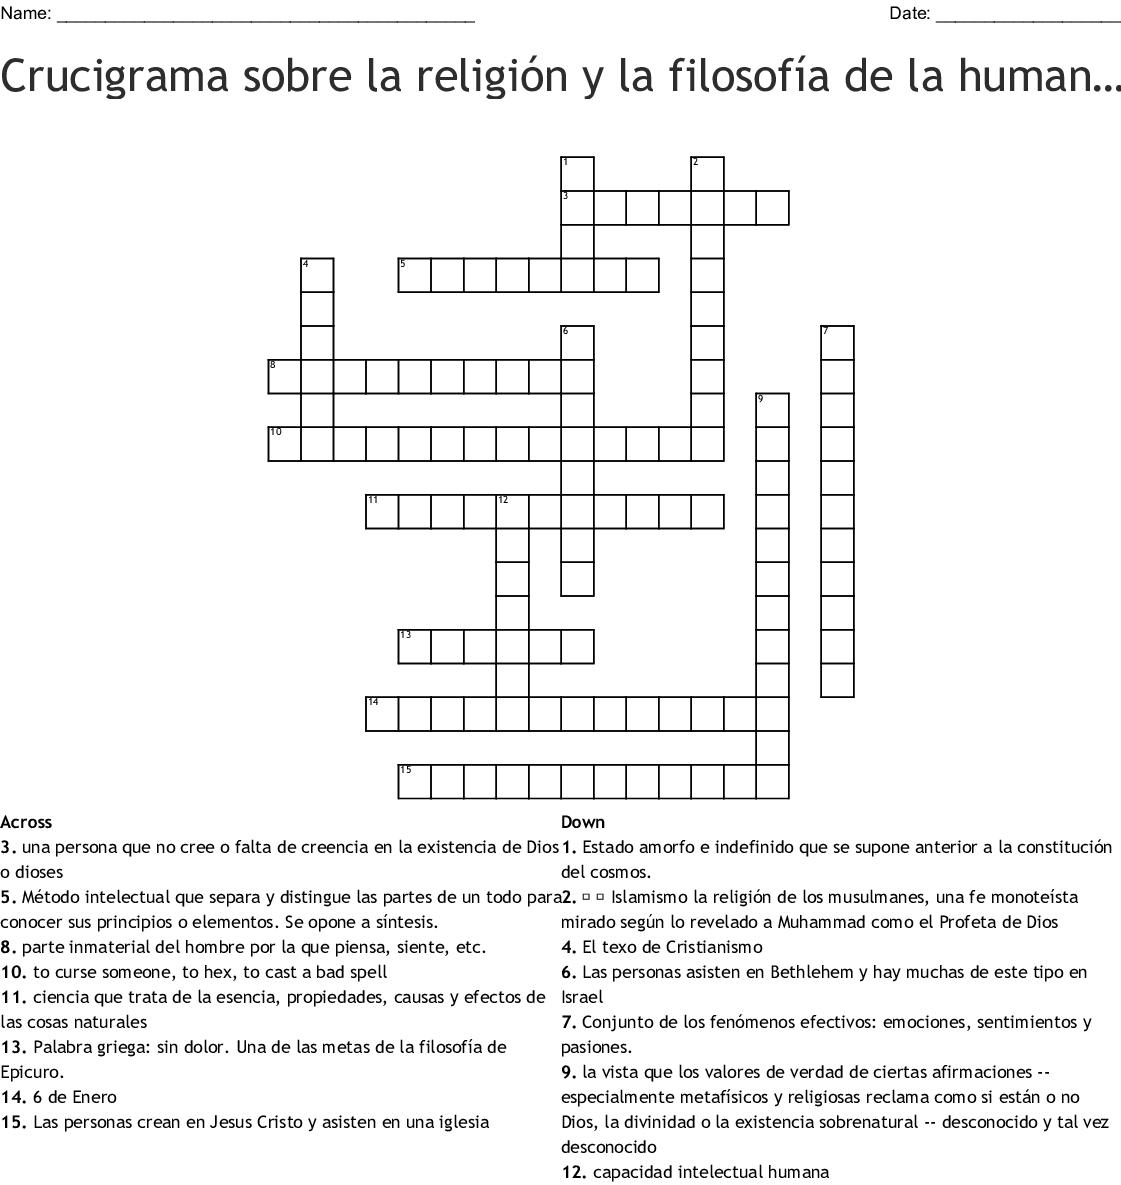 Ropa Crossword De Crossword De Wordmint Crucigrama Ropa Wordmint Crucigrama TlFK1Jc